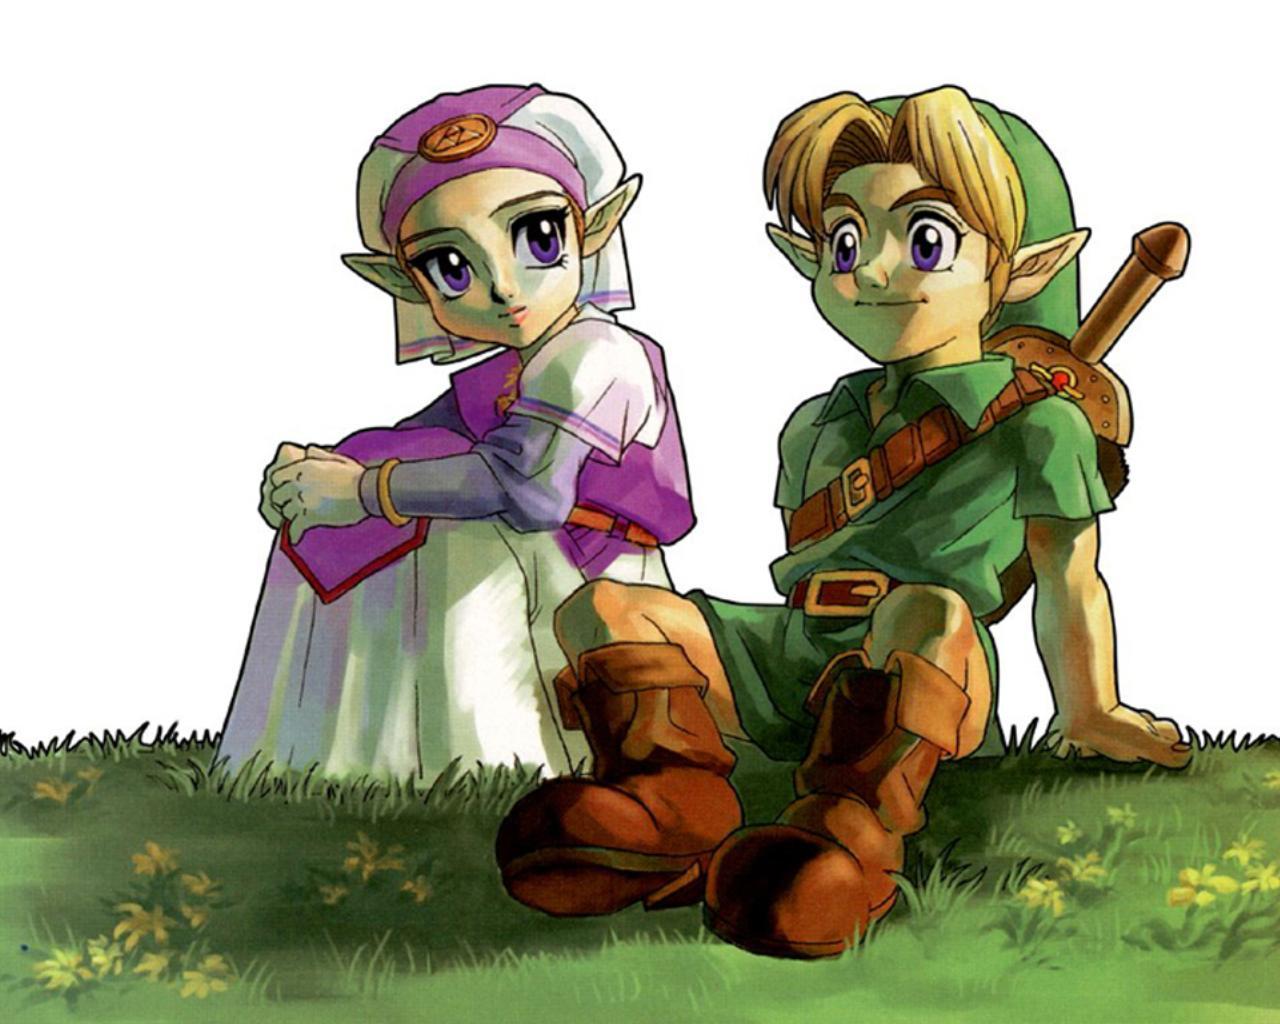 Zelda background image Zelda wallpapers 1280x1024